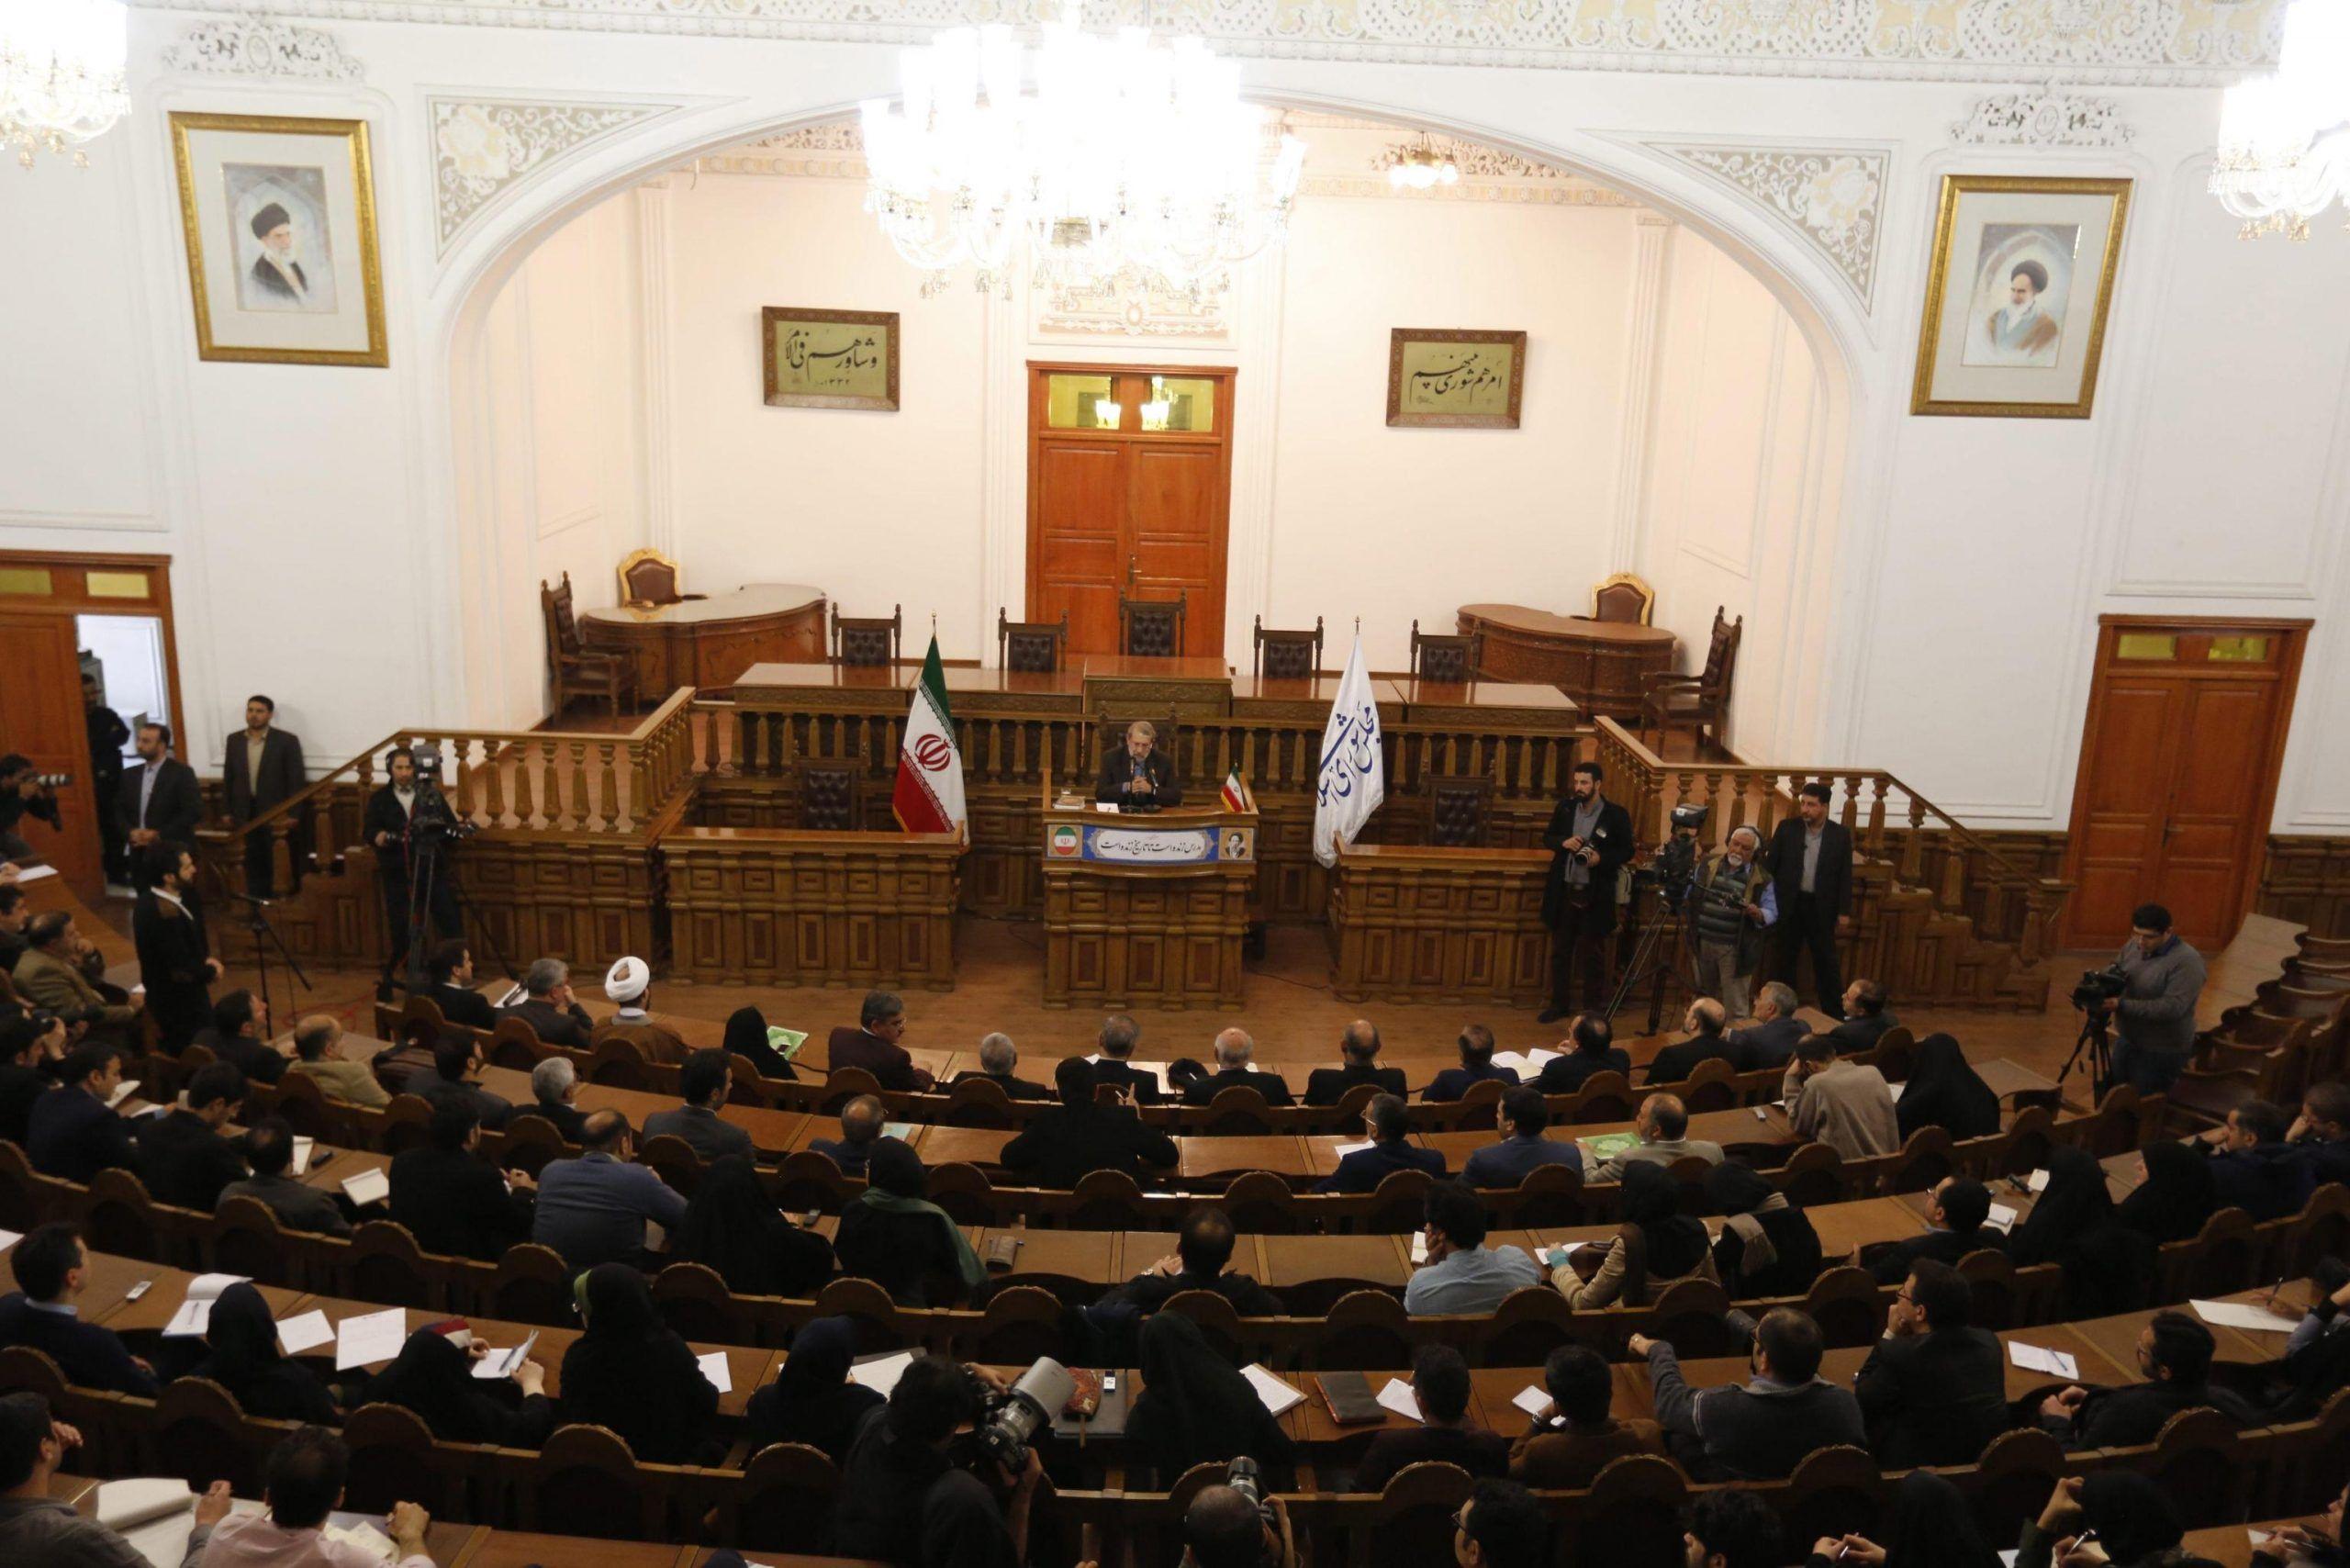 Iranian parliament speaker Ali Larijani presser